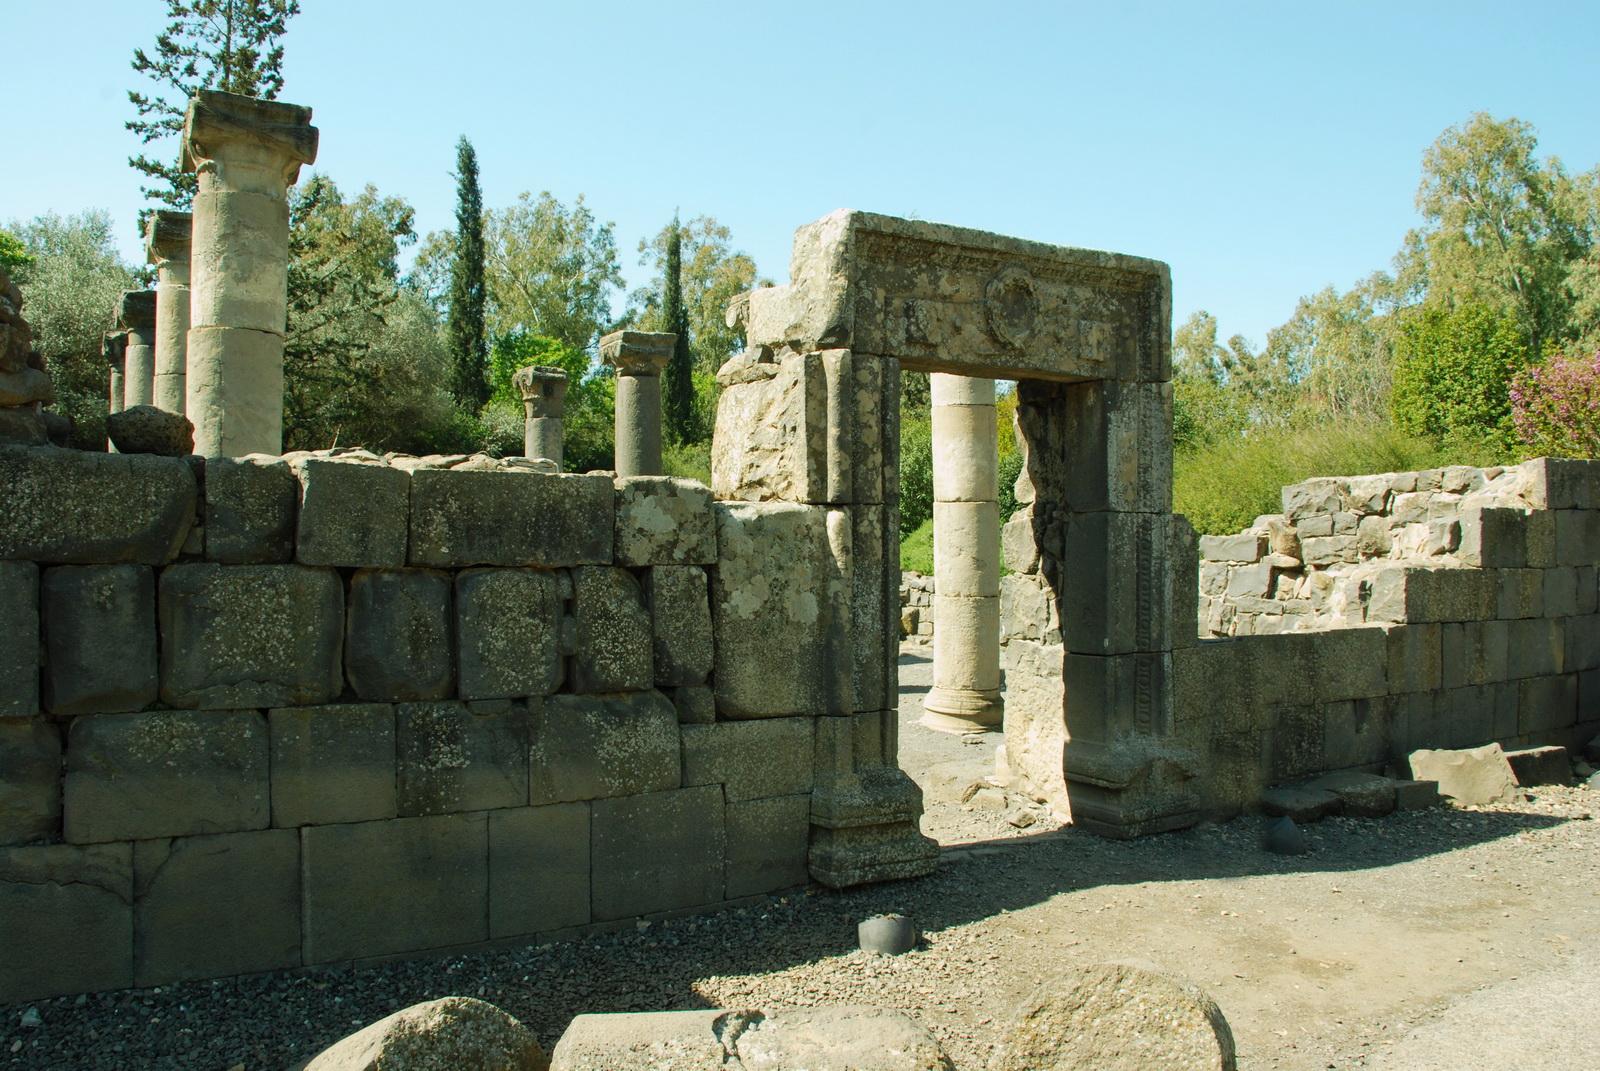 גולן - בית הכנסת בקצרין - הקיר המזרחי והכניסה